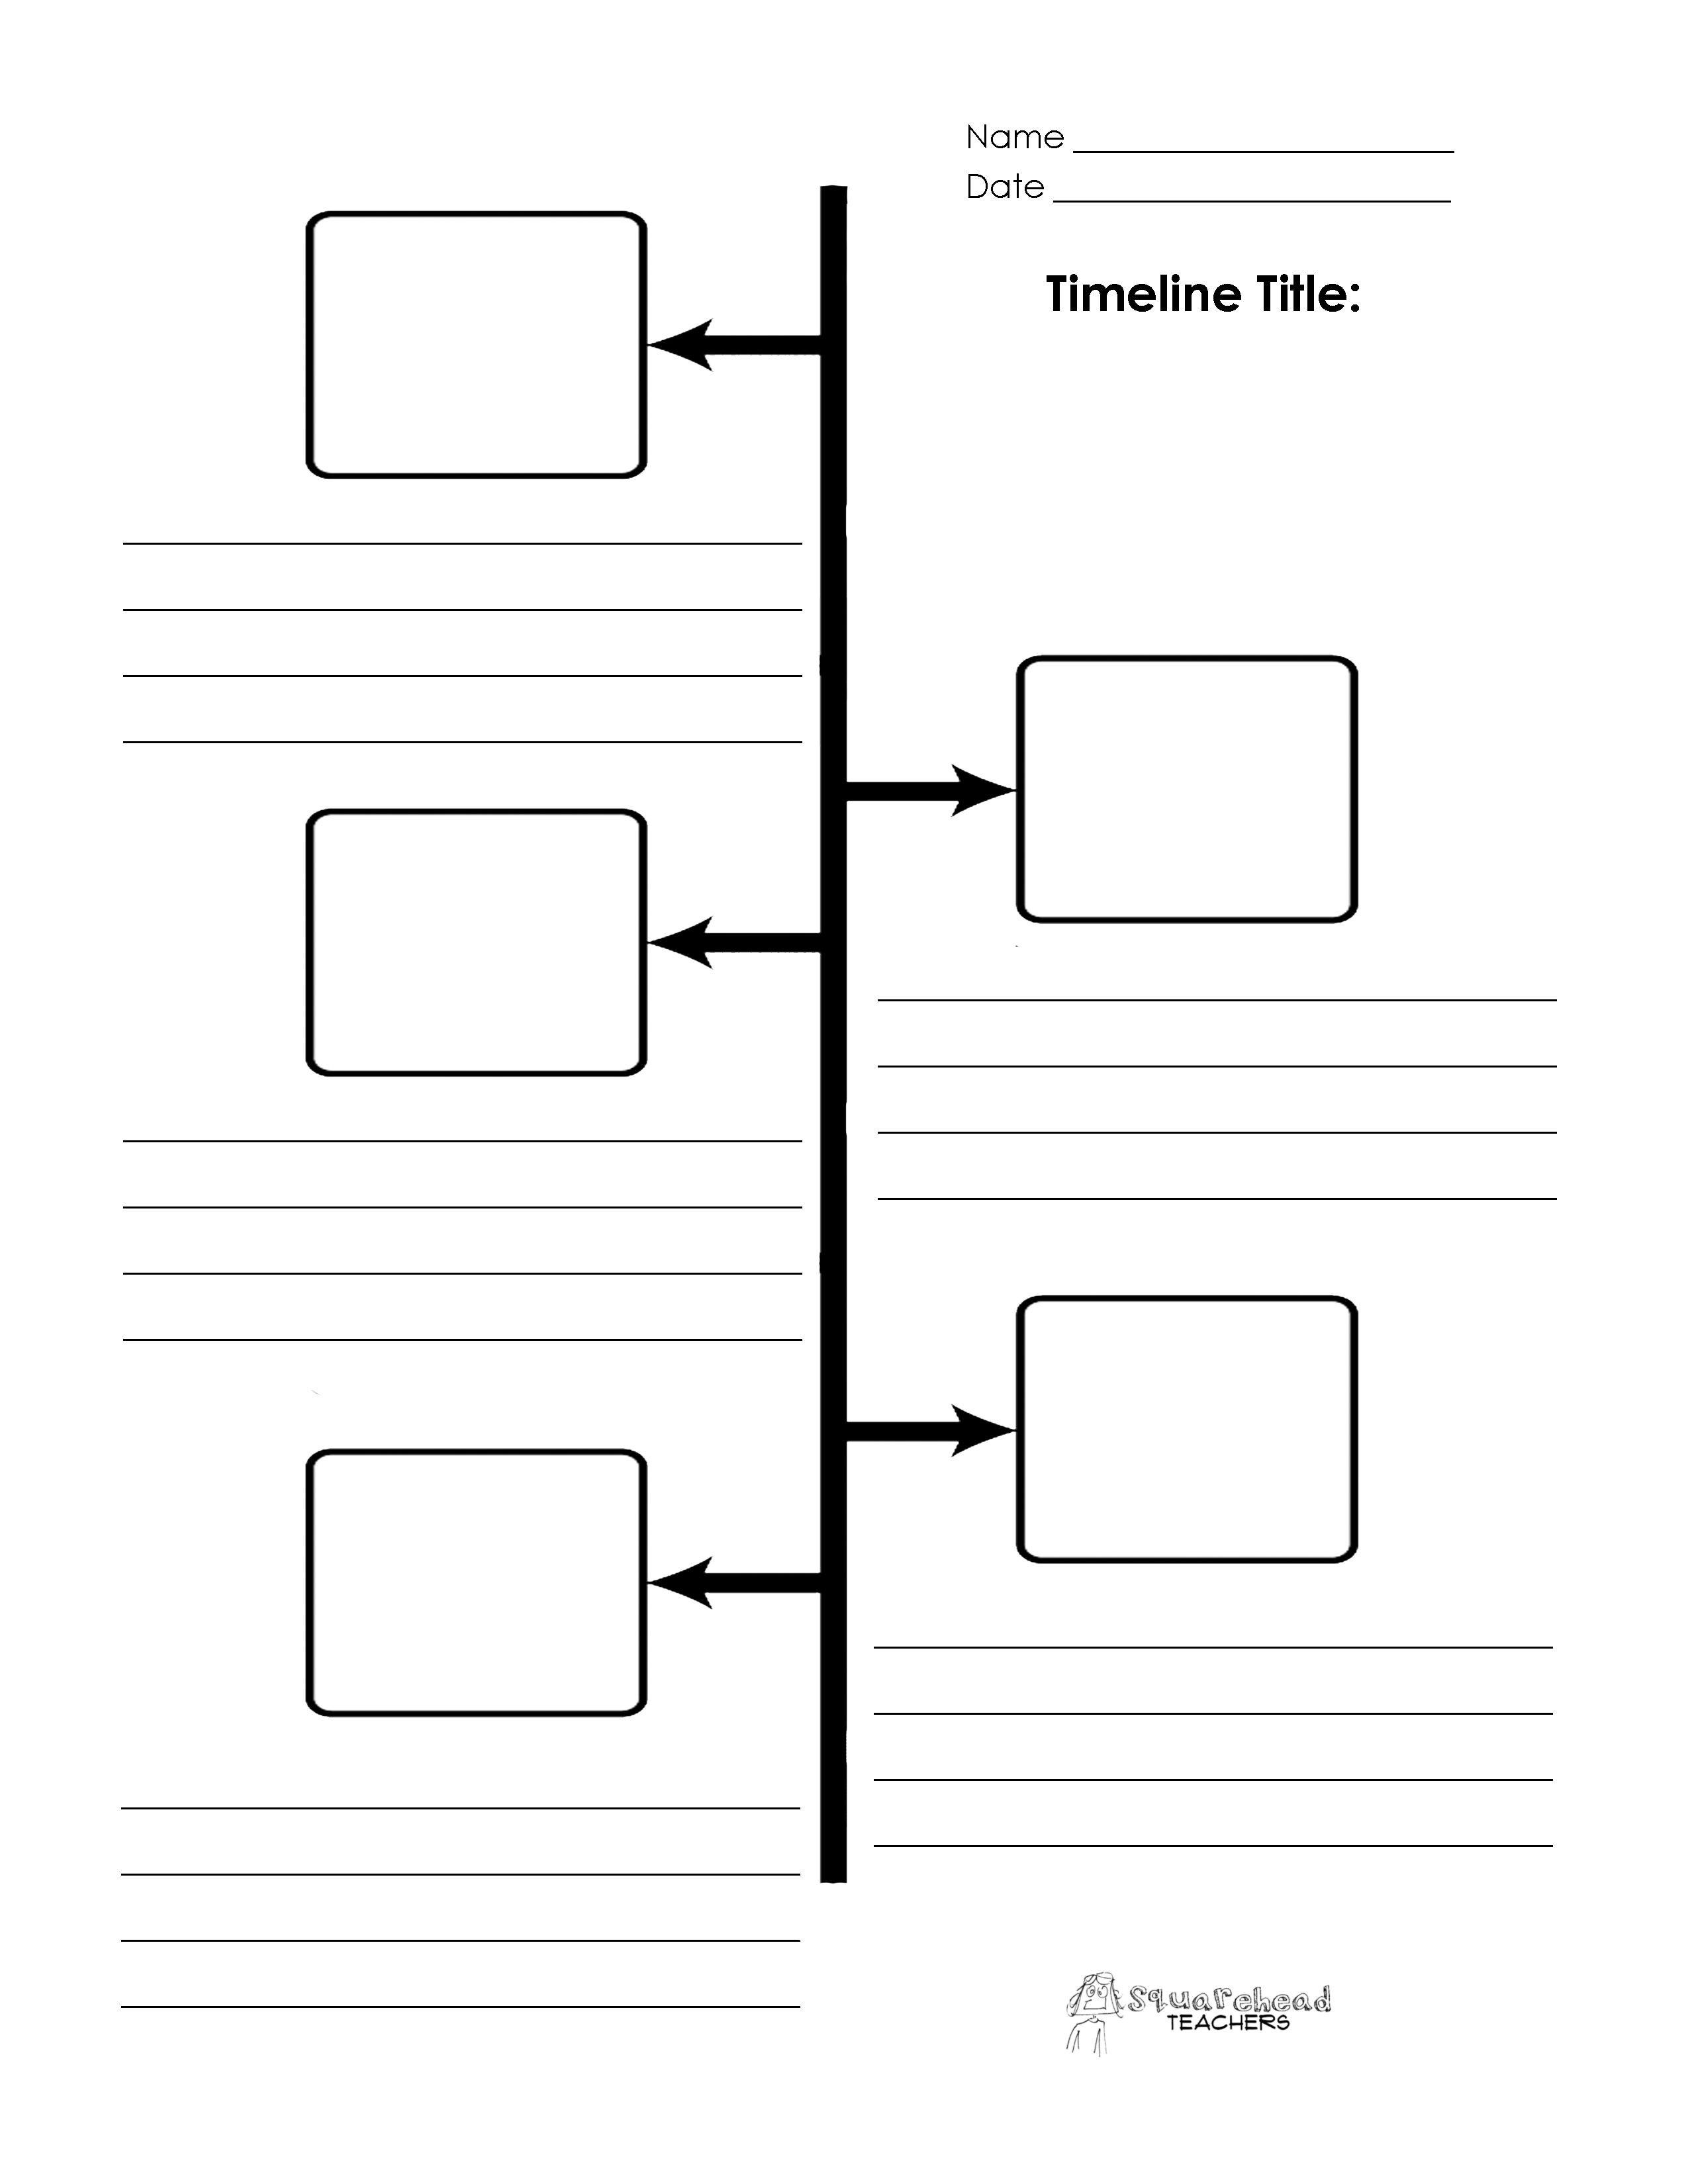 Timeline Worksheets for 1st Grade Blank Timeline Printables